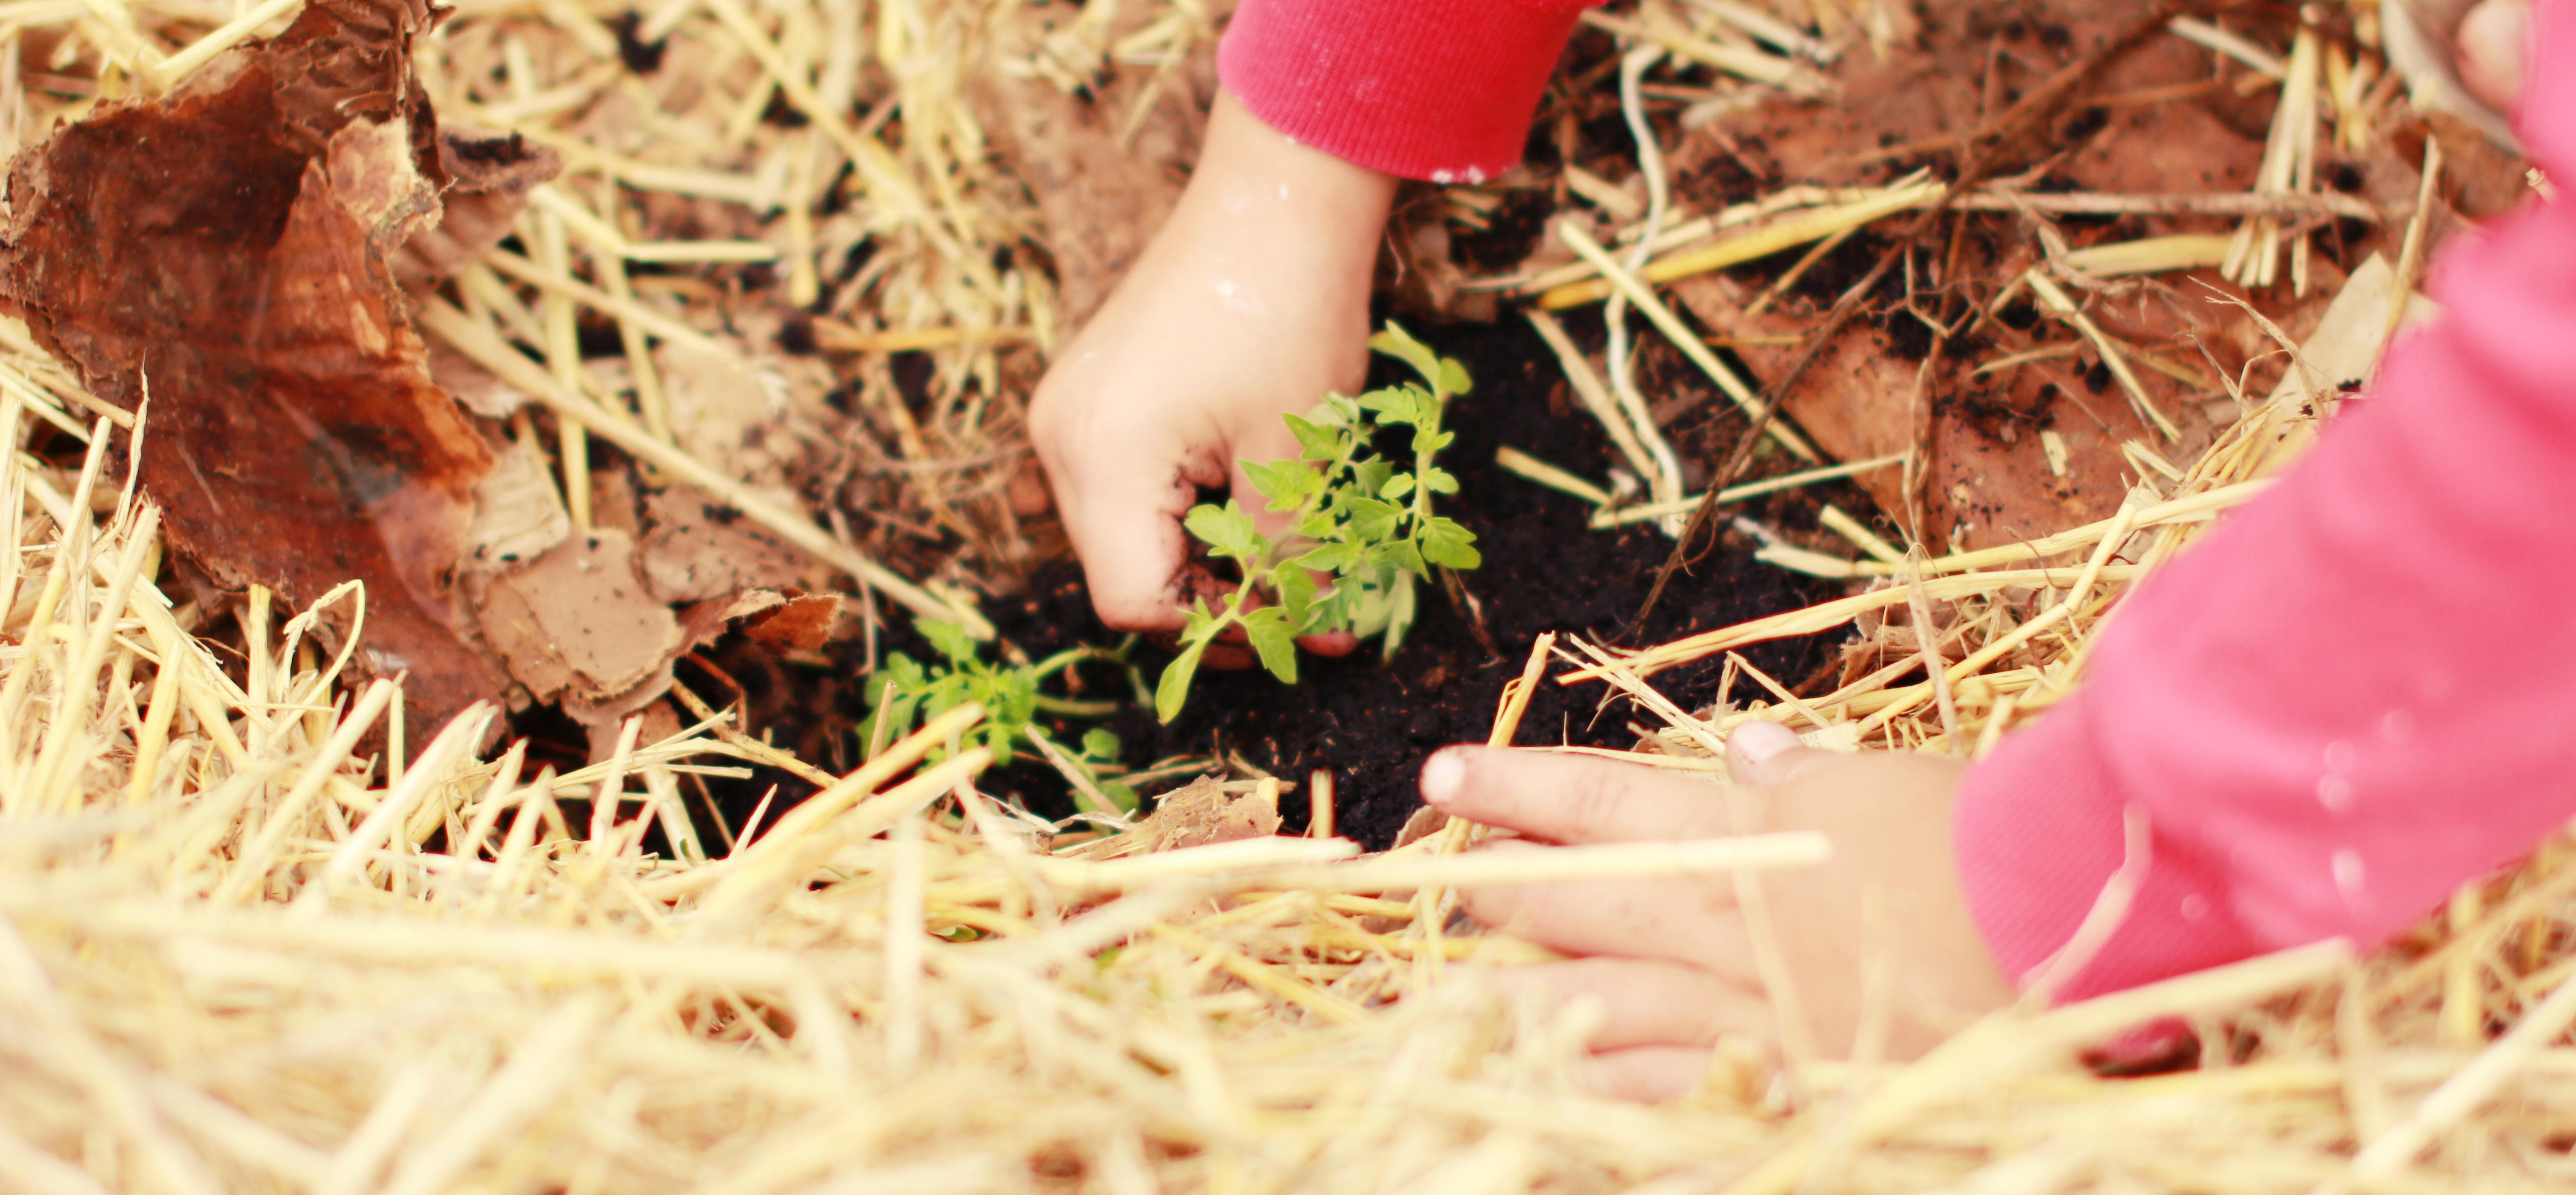 Nasveti za ureditev vrta, ki je namenjen otrokom. Vrt za otroke oblikujemo tako, da se otroci v njem dobro in varno počutijo.